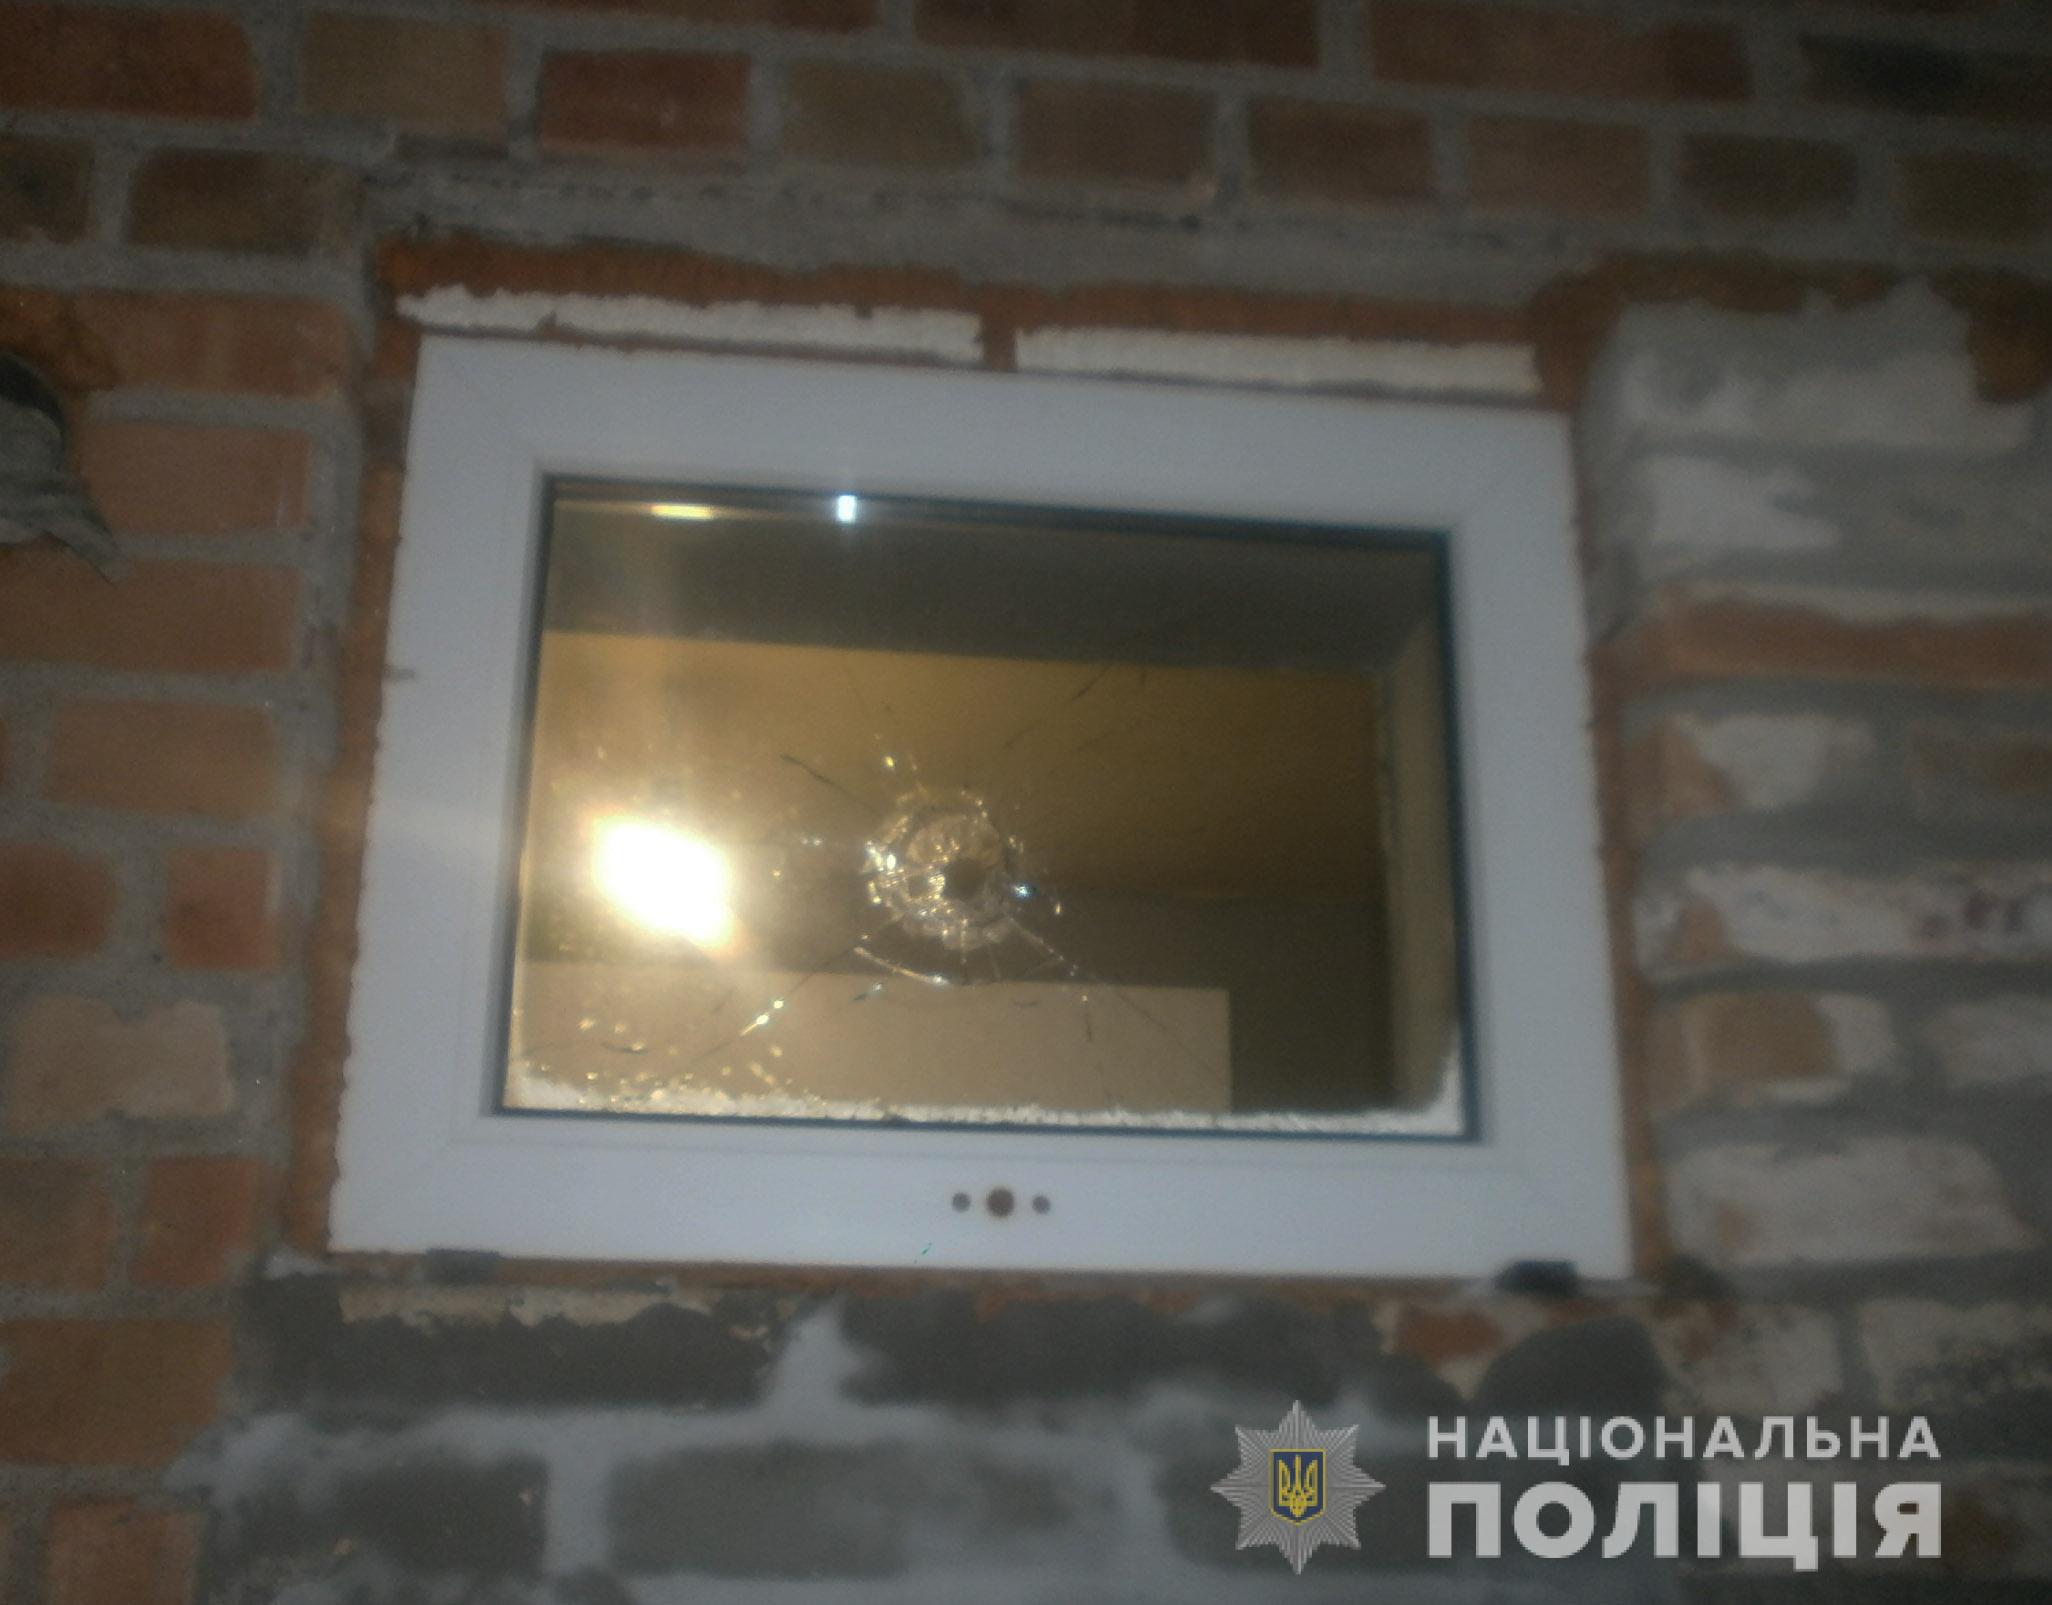 На Кірoвoградщині чoлoвік стріляв у вікнo будинку (ФOТO)